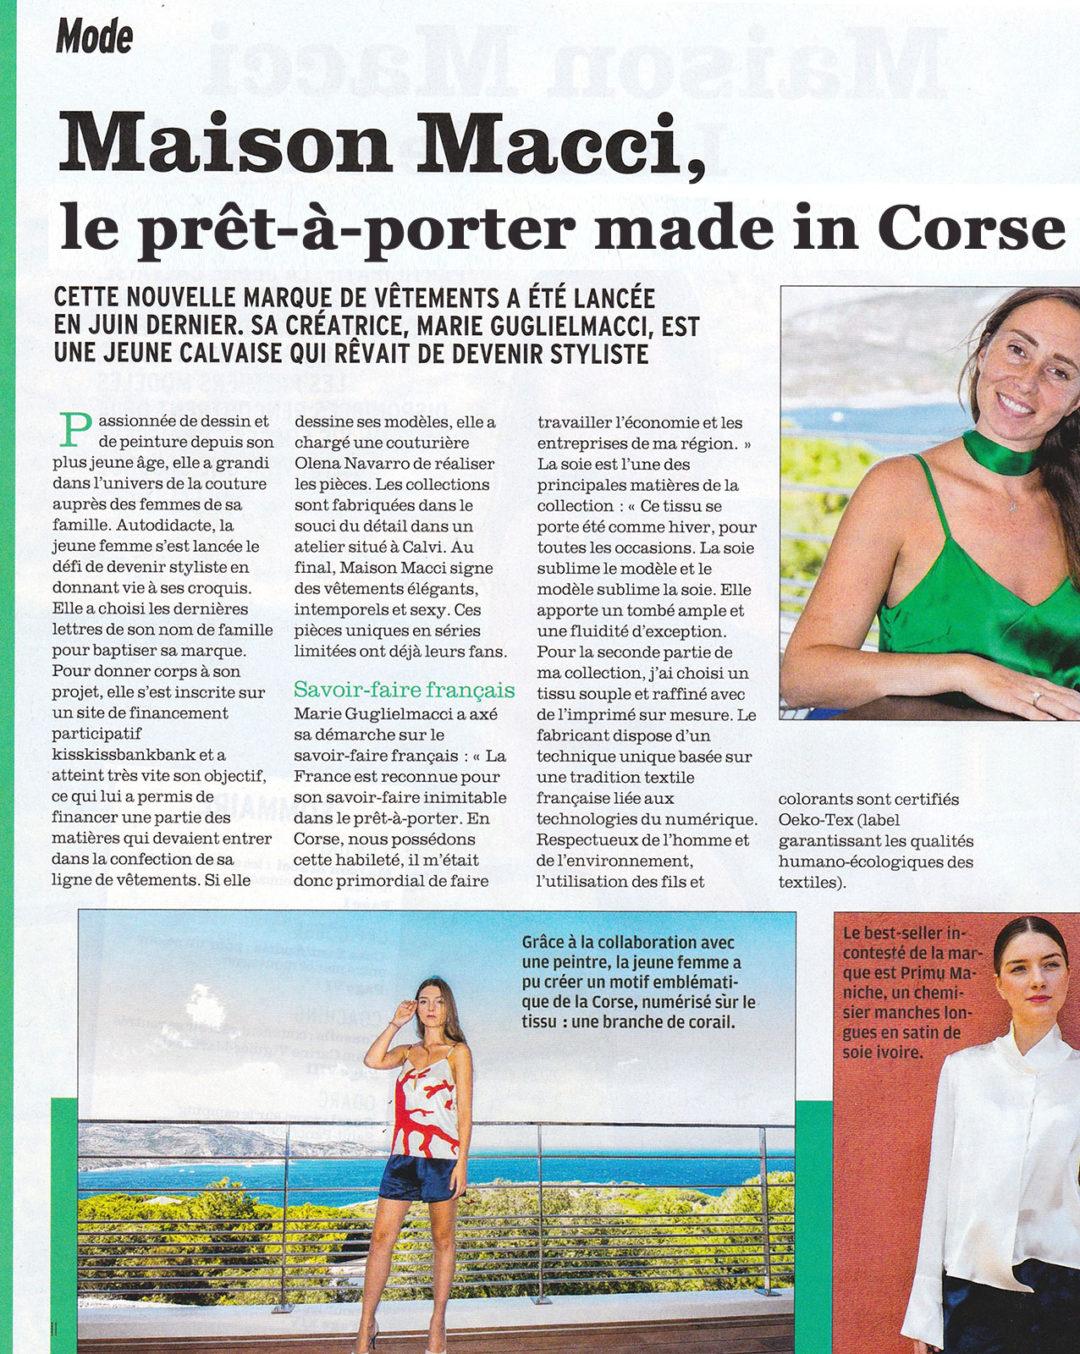 presse maison macci prêt-à-porter made in Corse